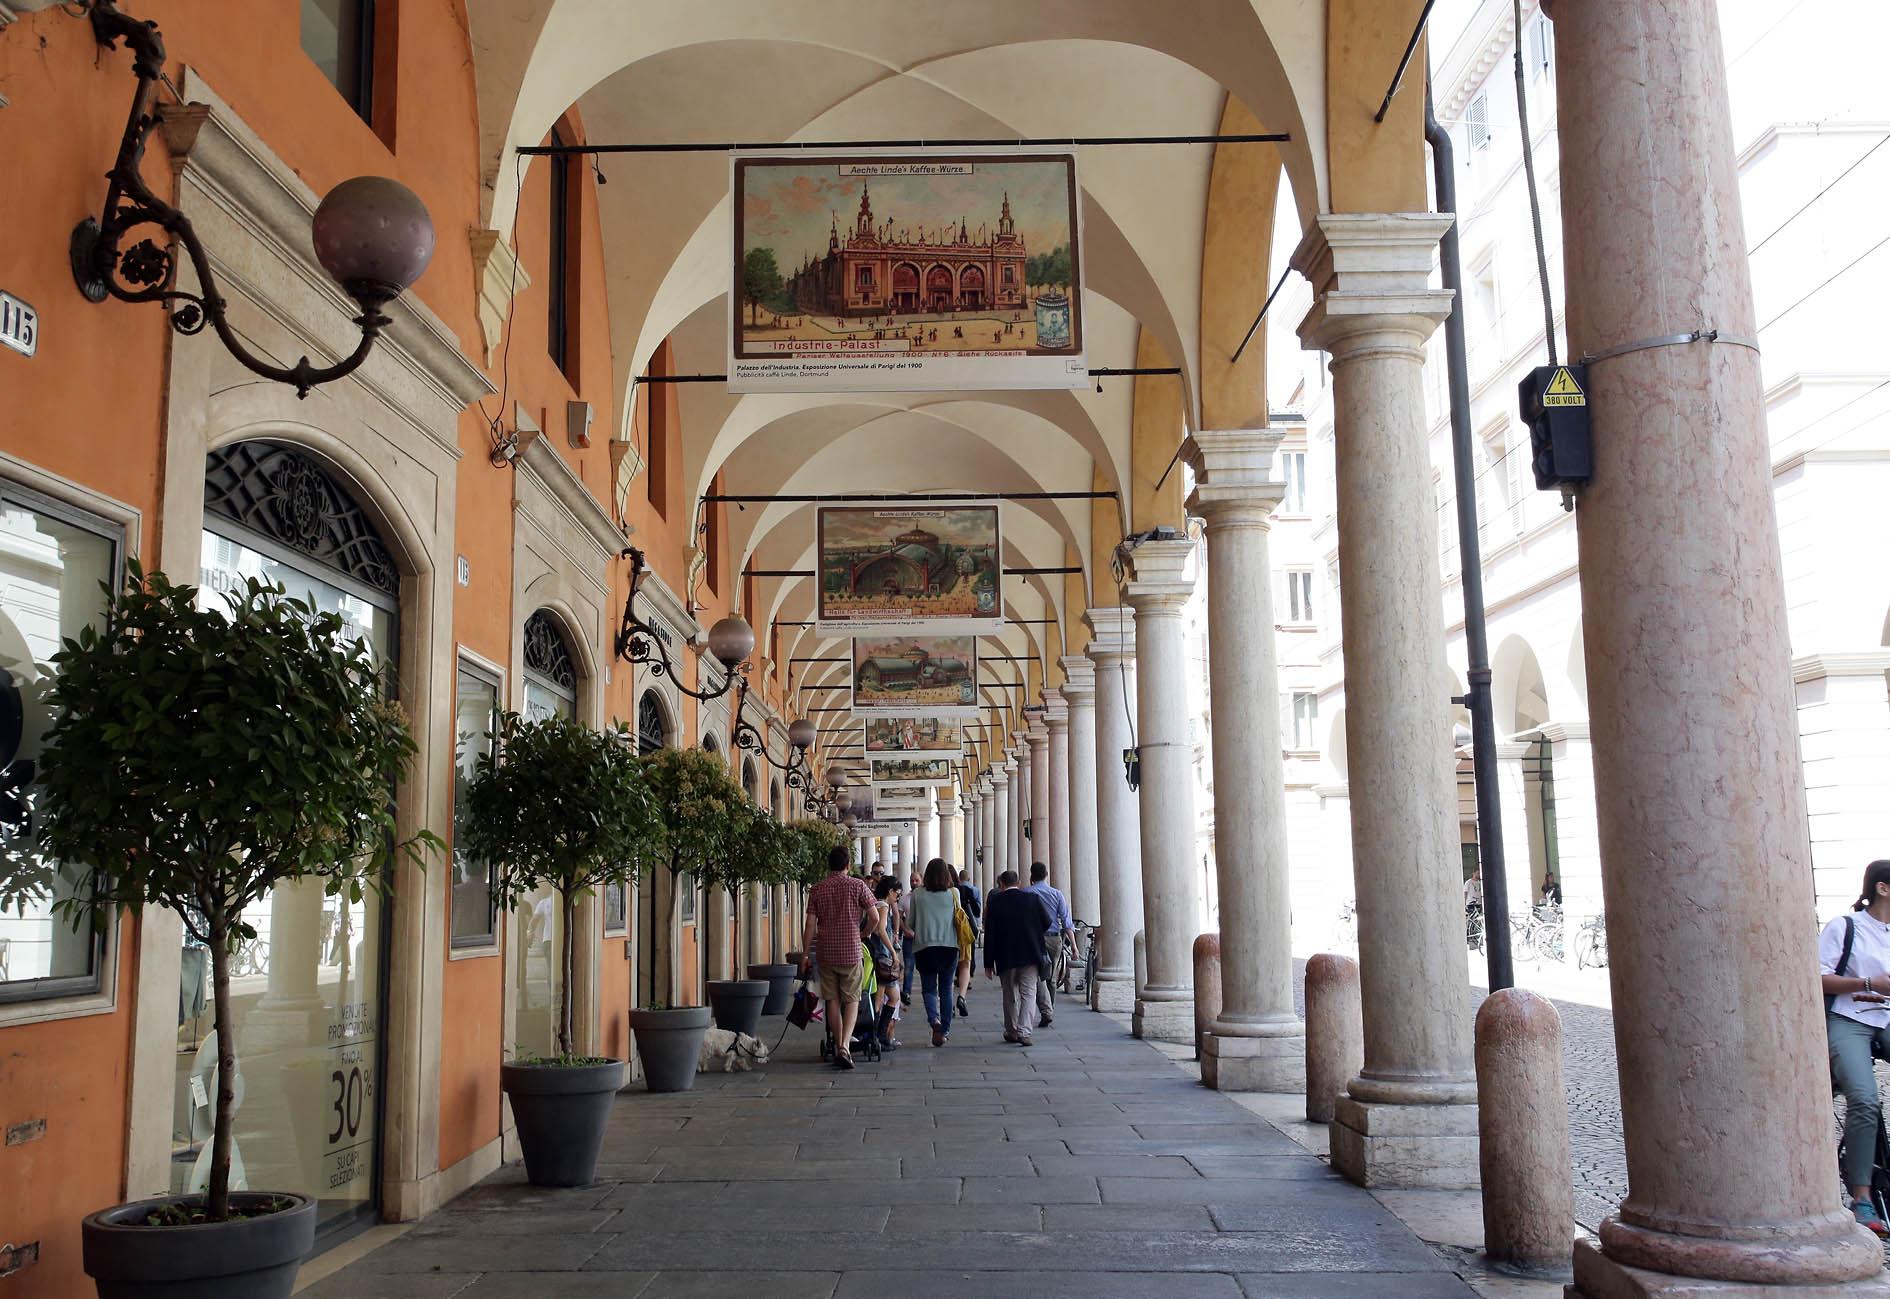 Ufficio Moderno Portici : Modena expo storiche in figurina in mostra sotto i portici u sito